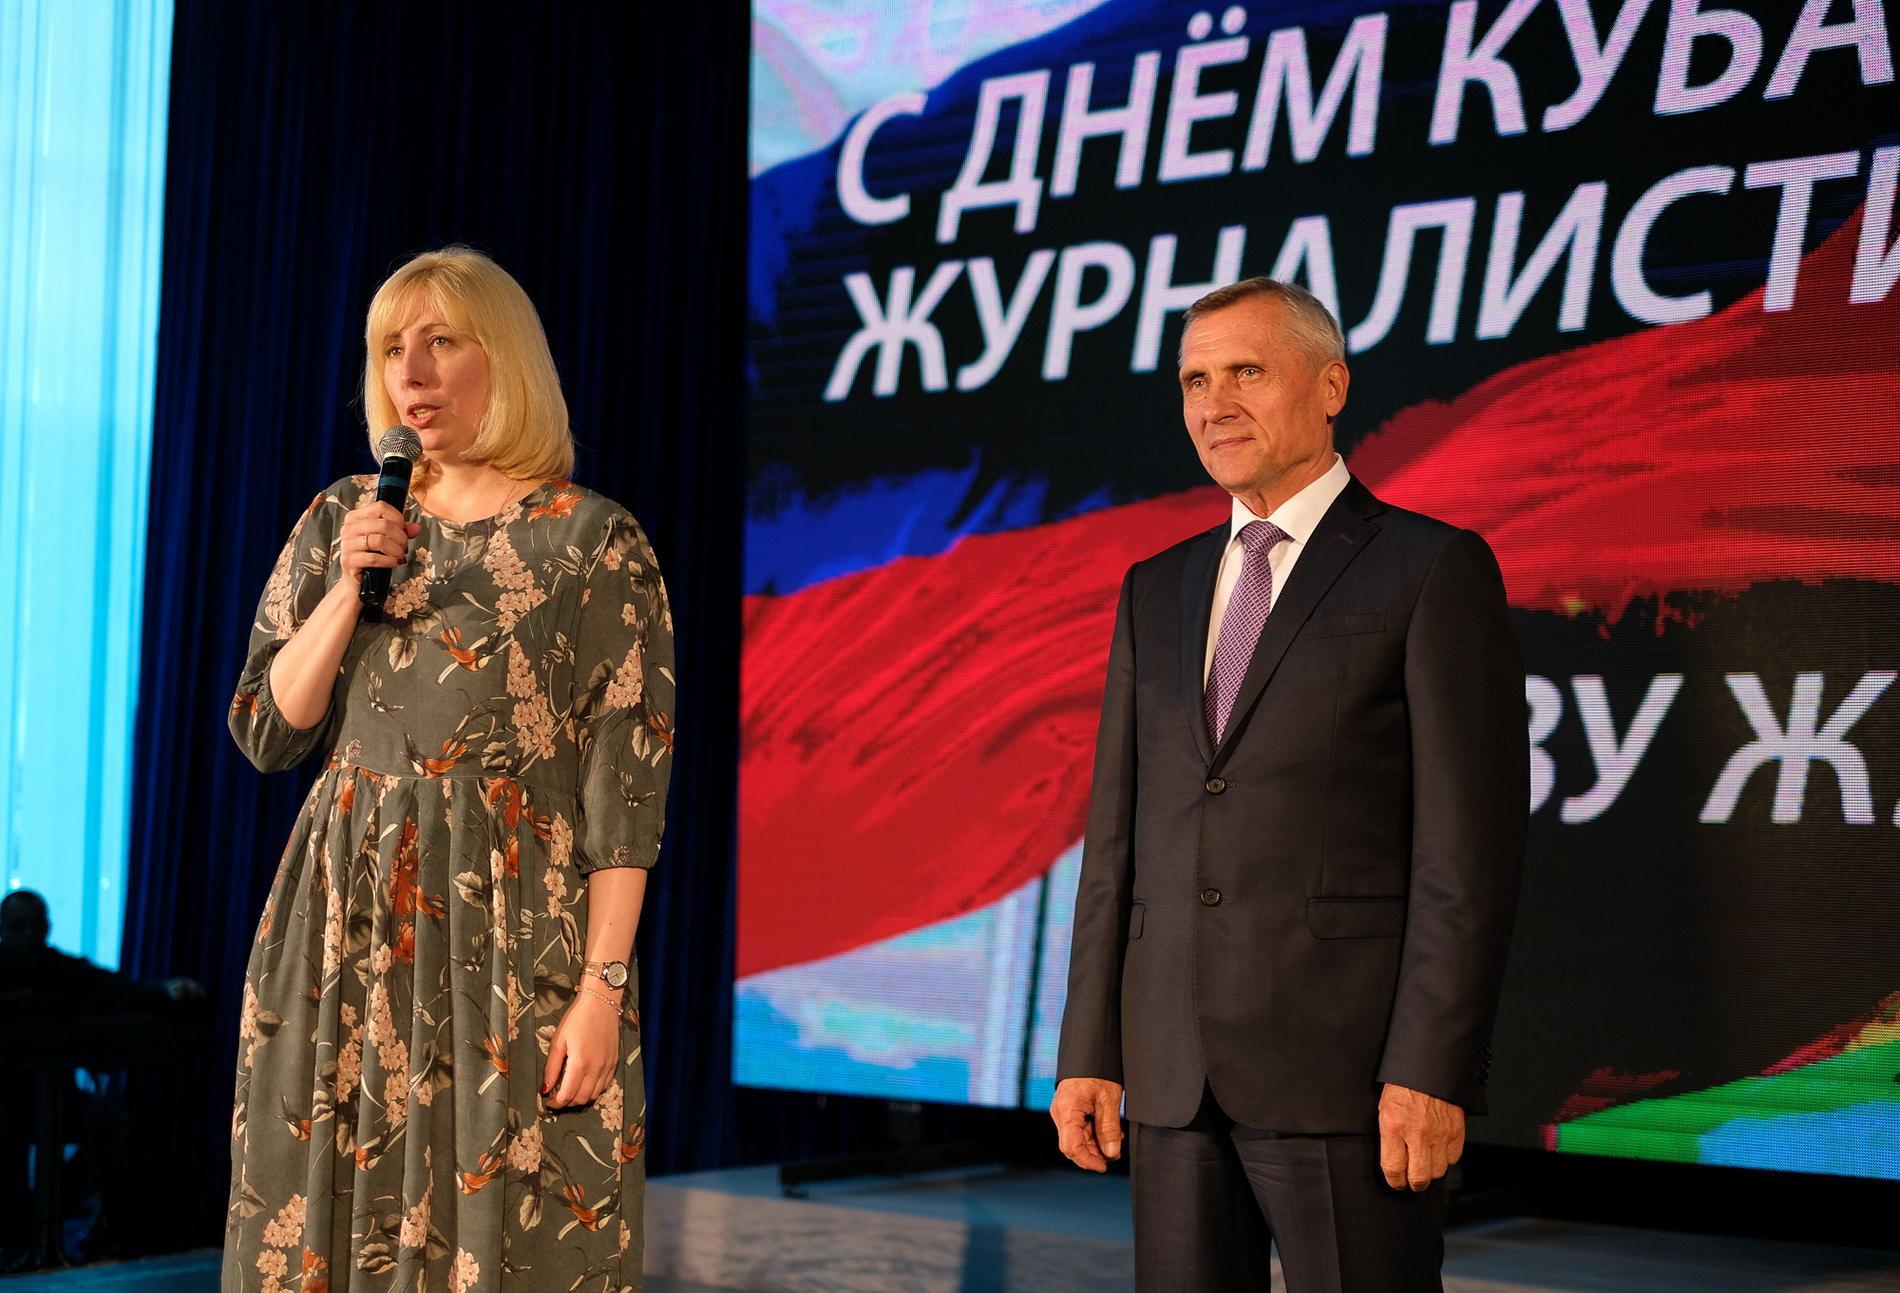 Nikolai_khizhniak-21